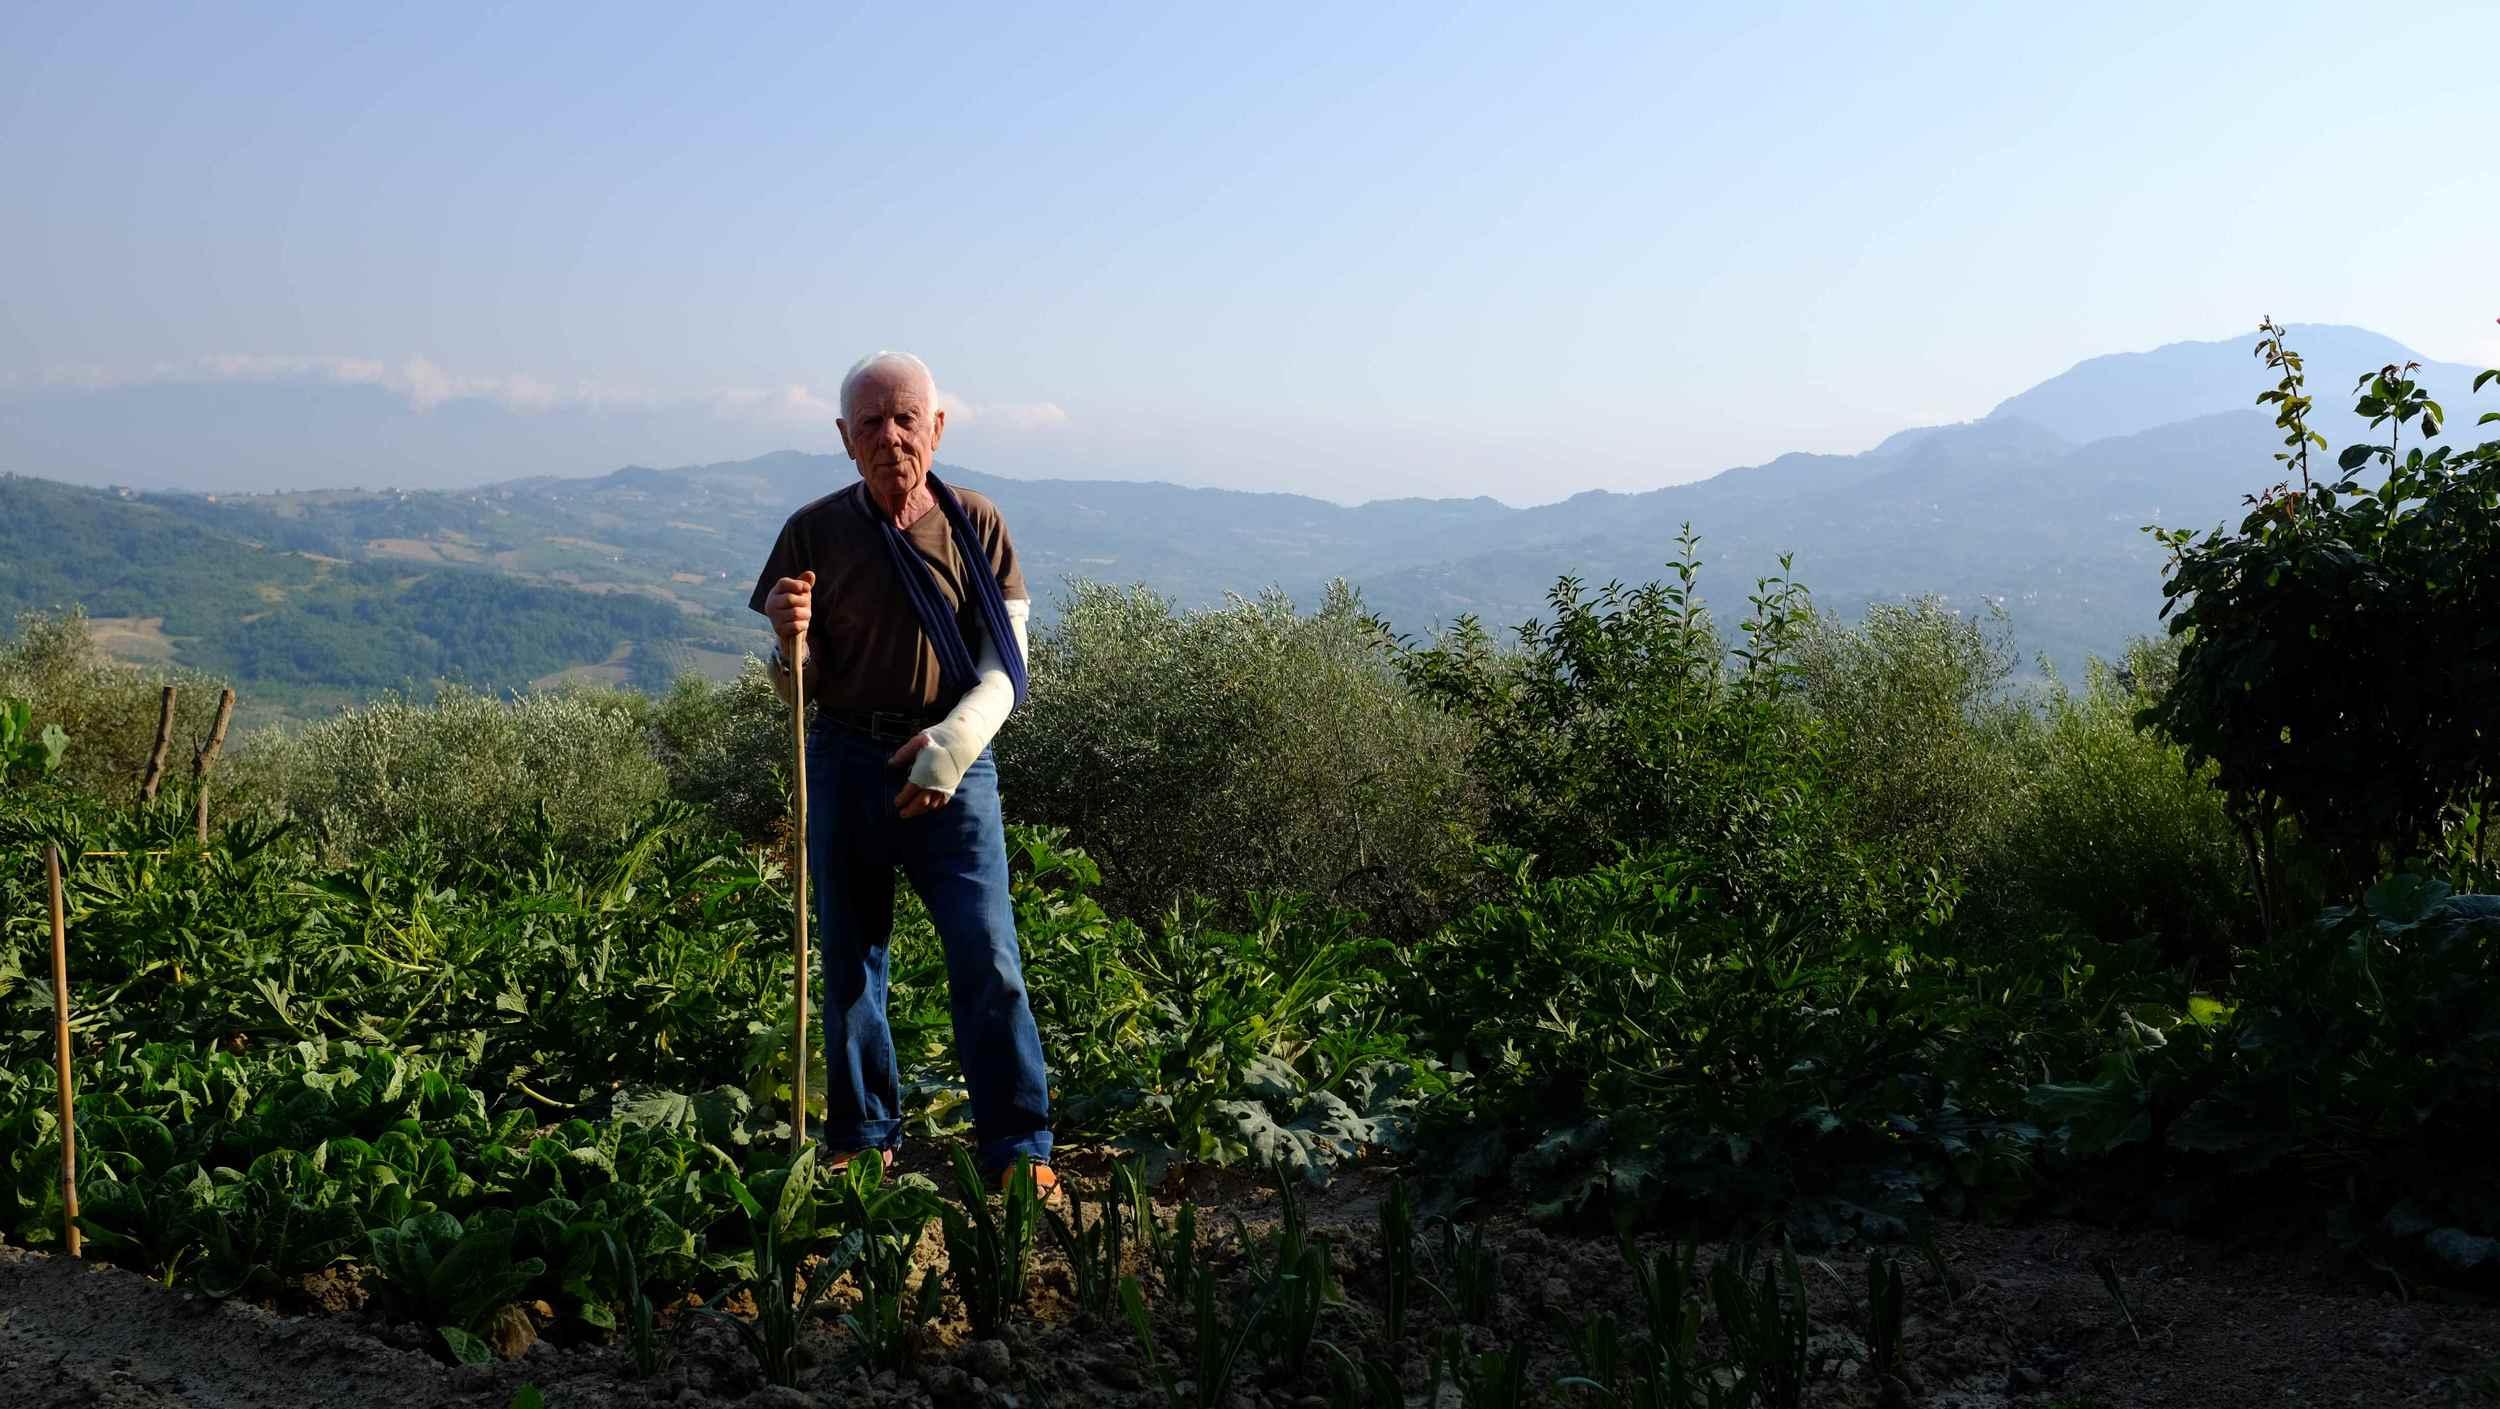 Nonno Gaetano in the garden